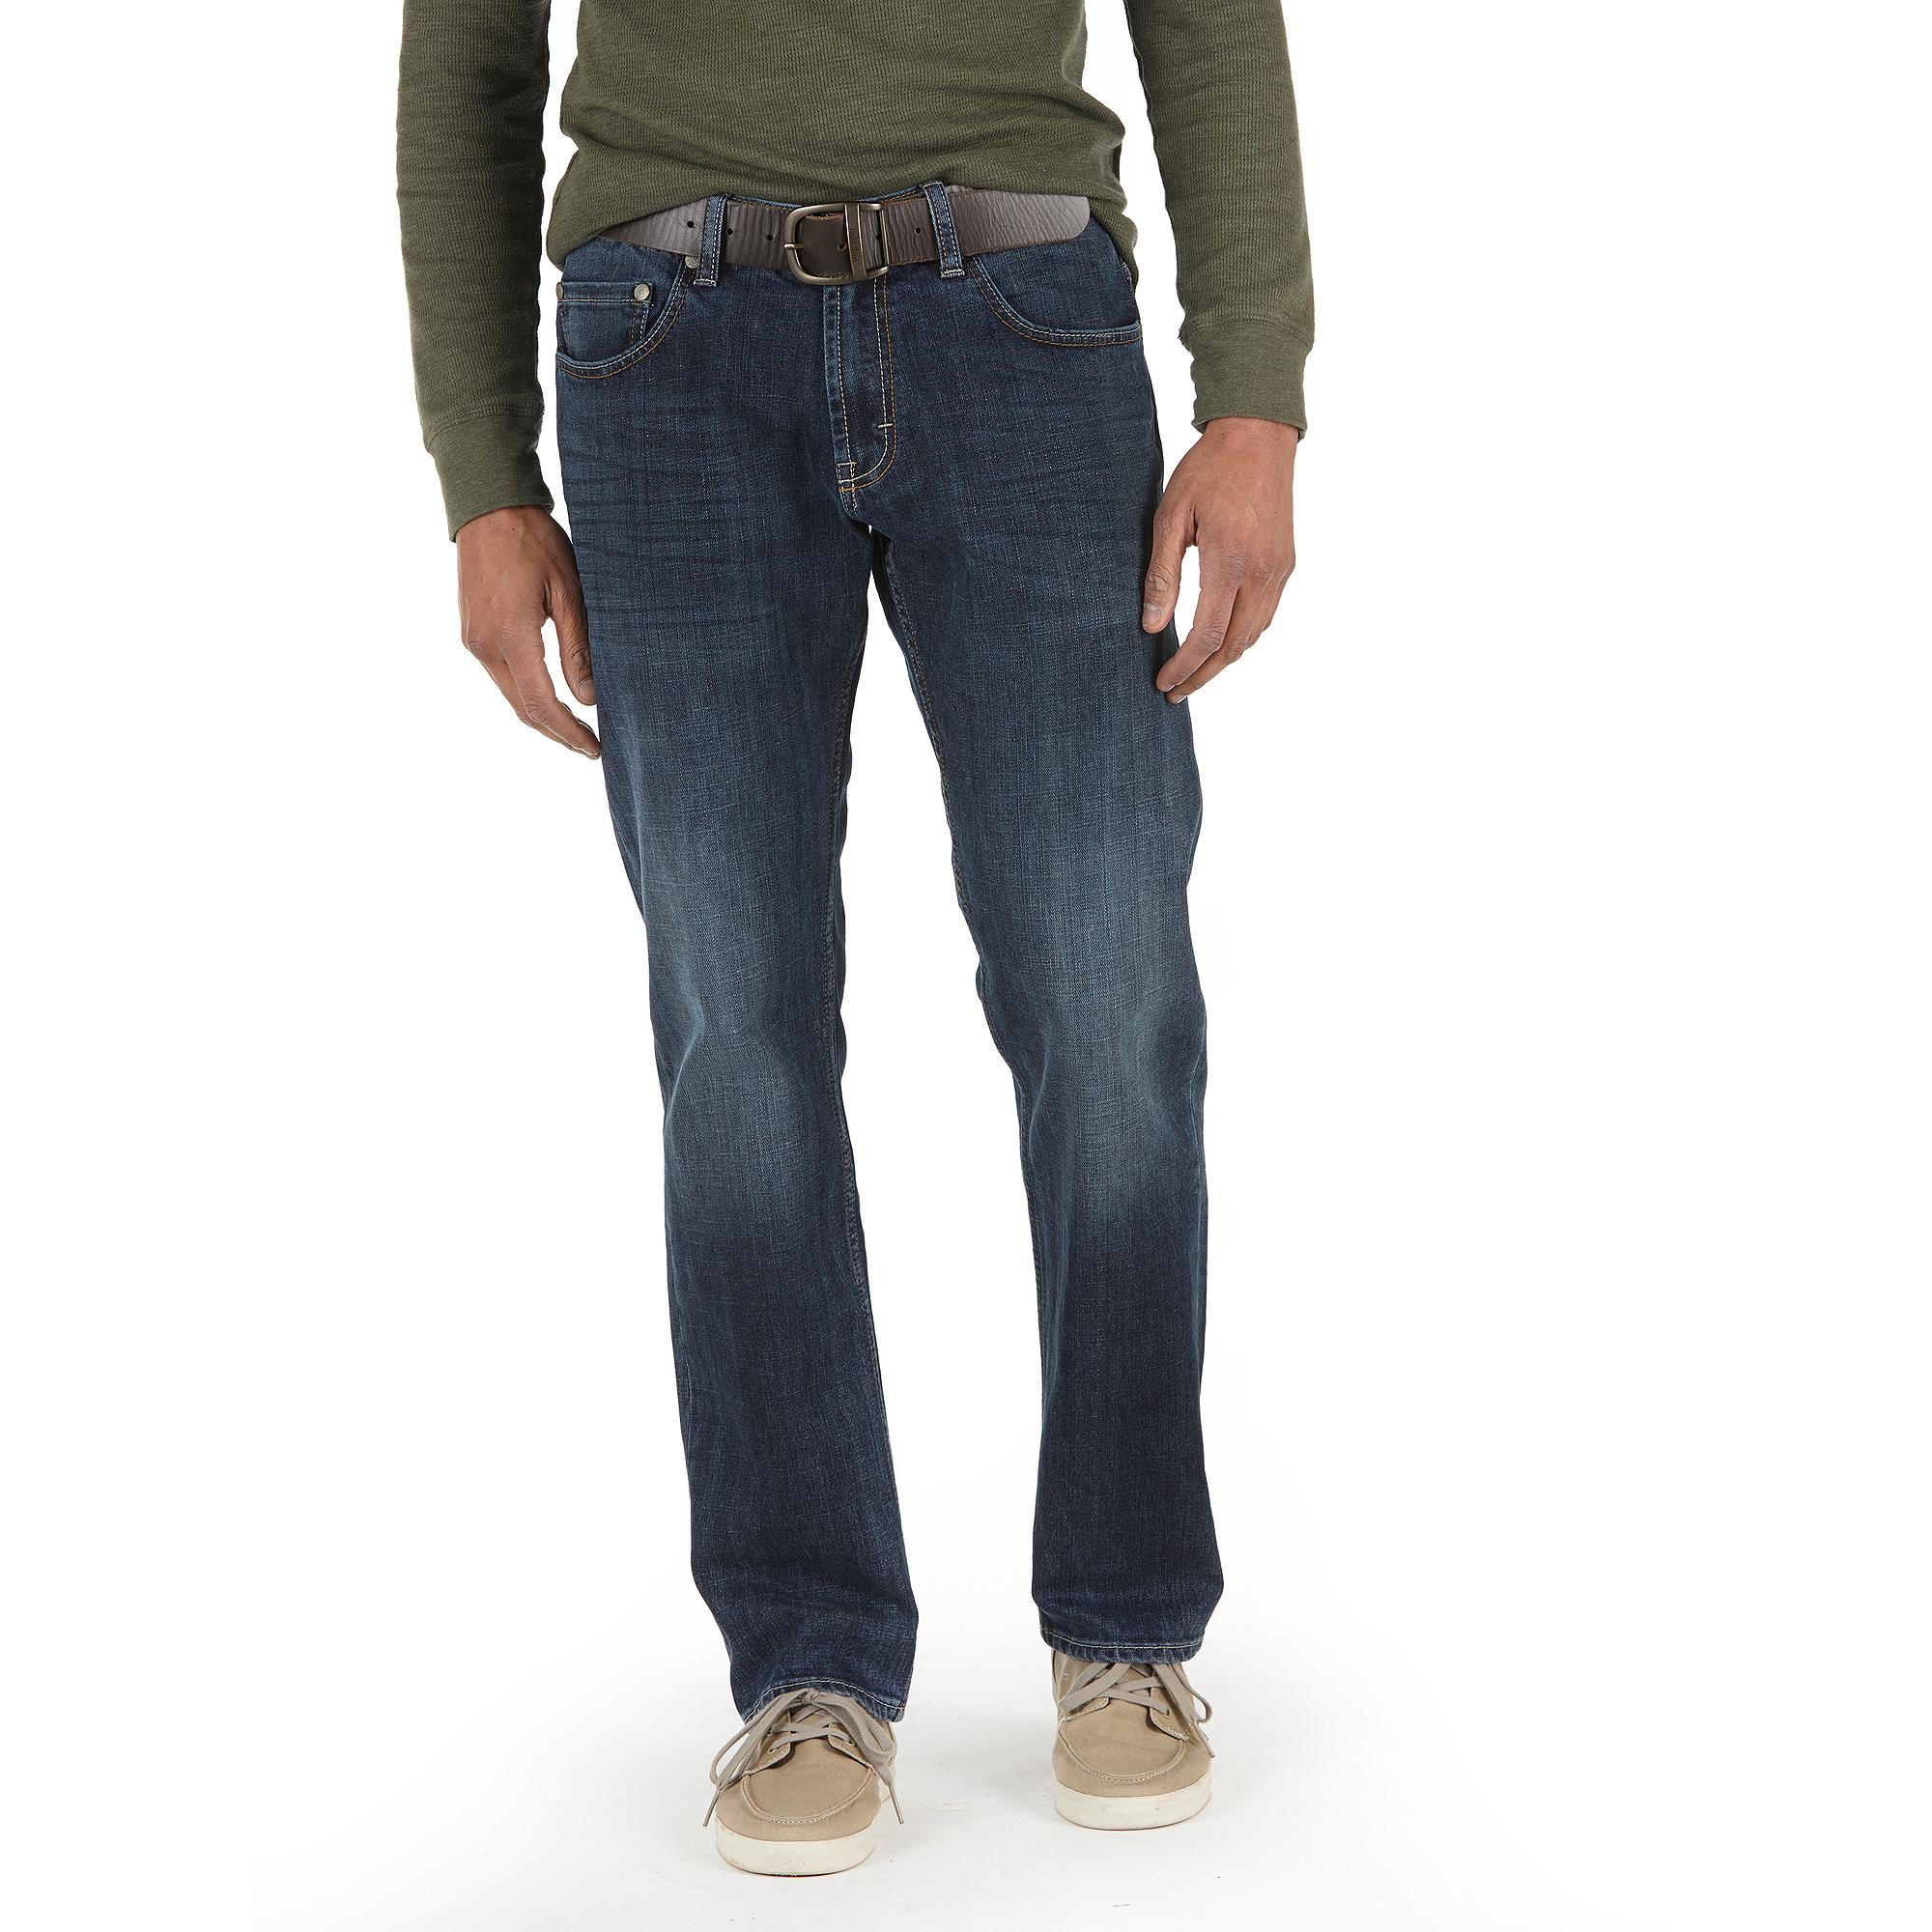 Men's Wrangler Jeans Co. RED - Vintage Slim Jean